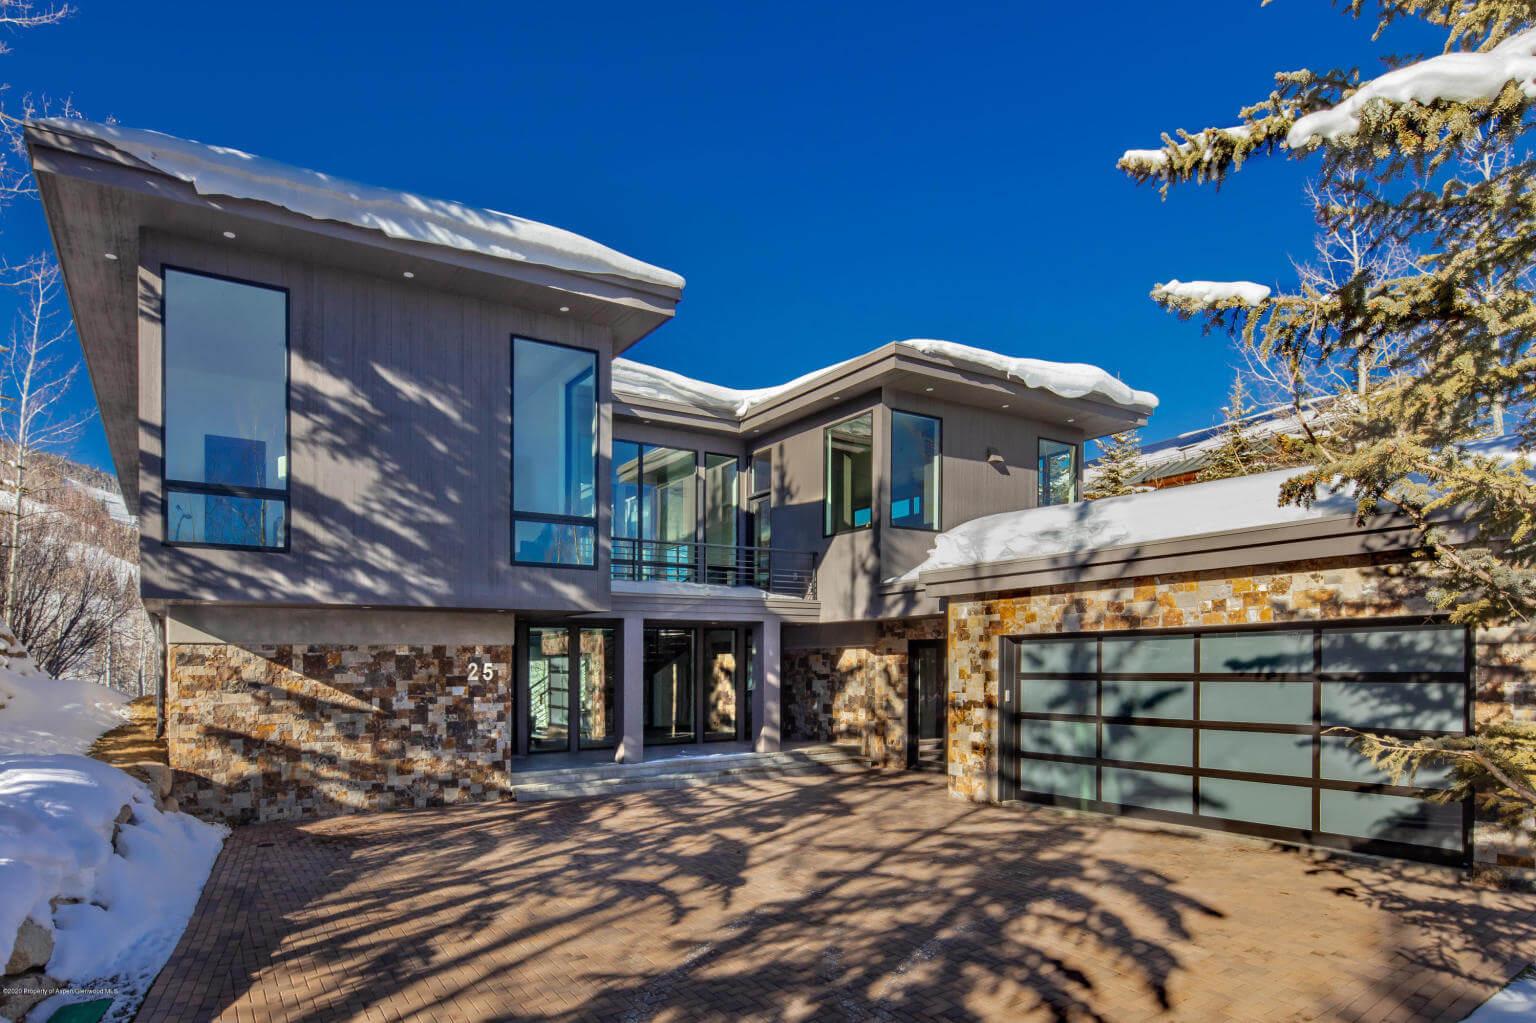 Snowmass Village 25 Janss Ln in Wood Run Sells at $7.55M/$1,438 SF Furn Image